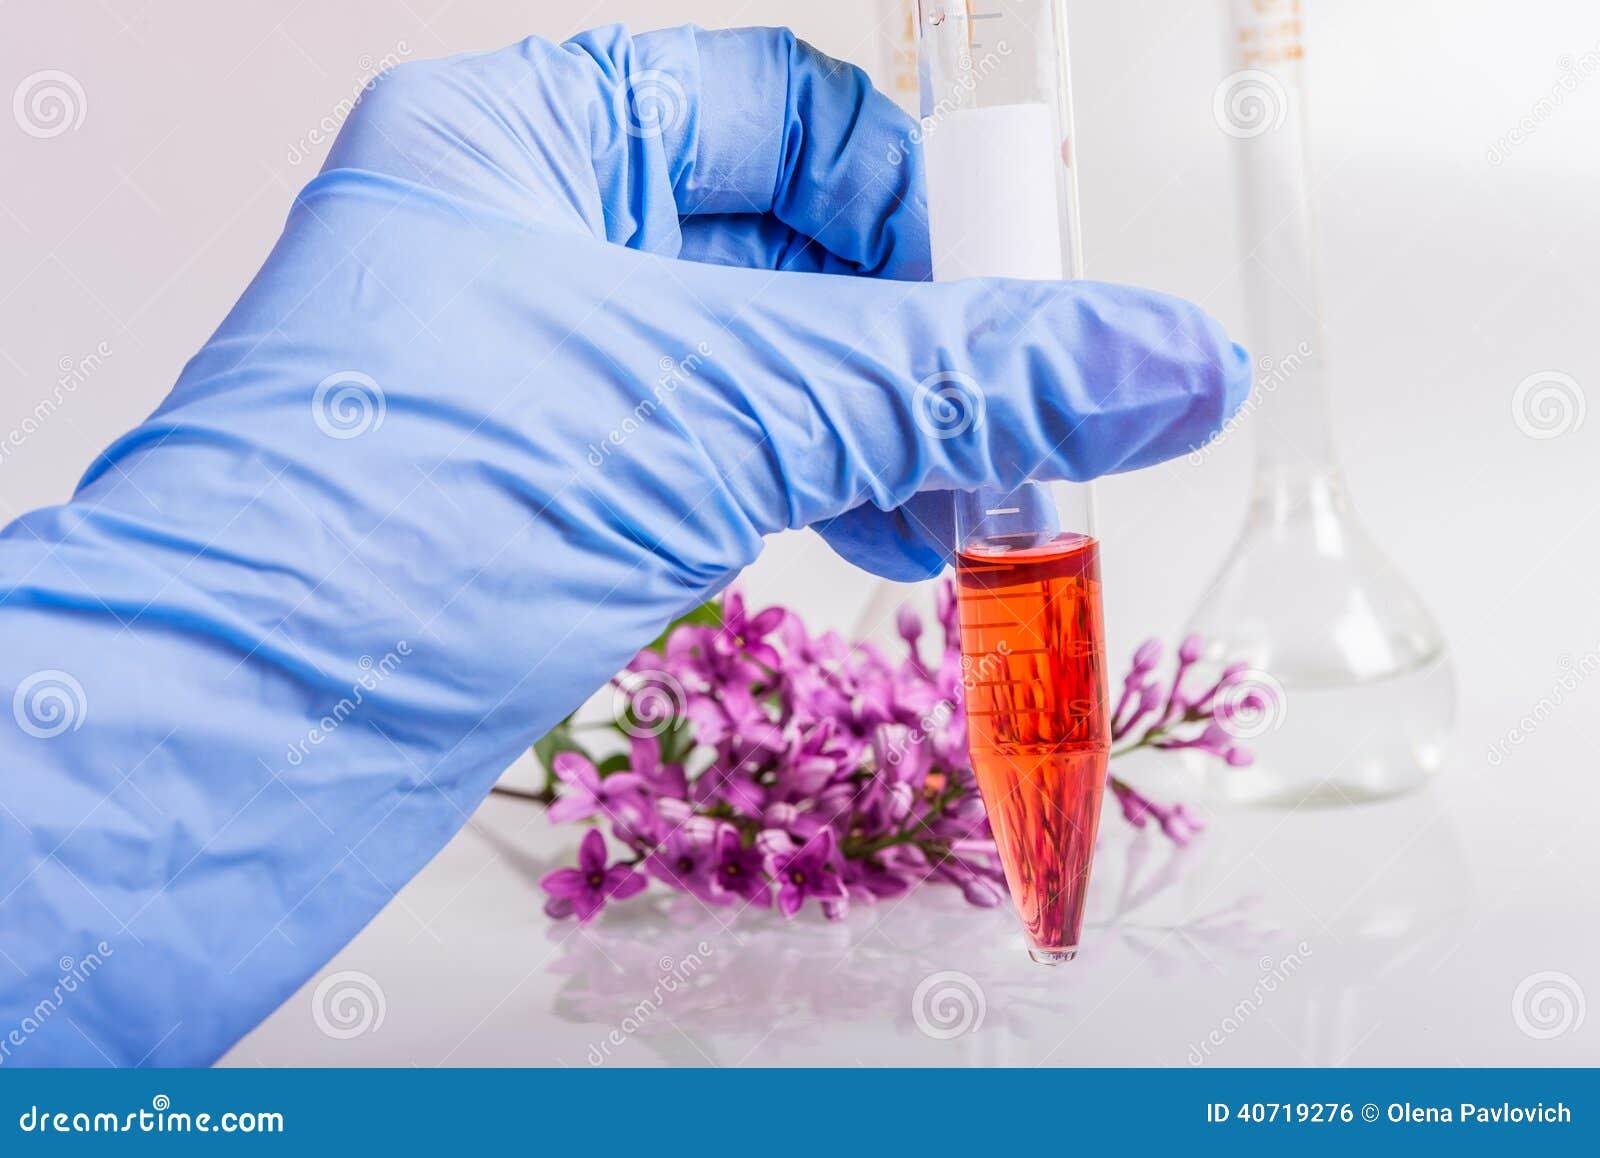 Χέρι που κρατά έναν σωλήνα με την εξαγωγή των φυσικών συστατικών στην αρωματοποιία